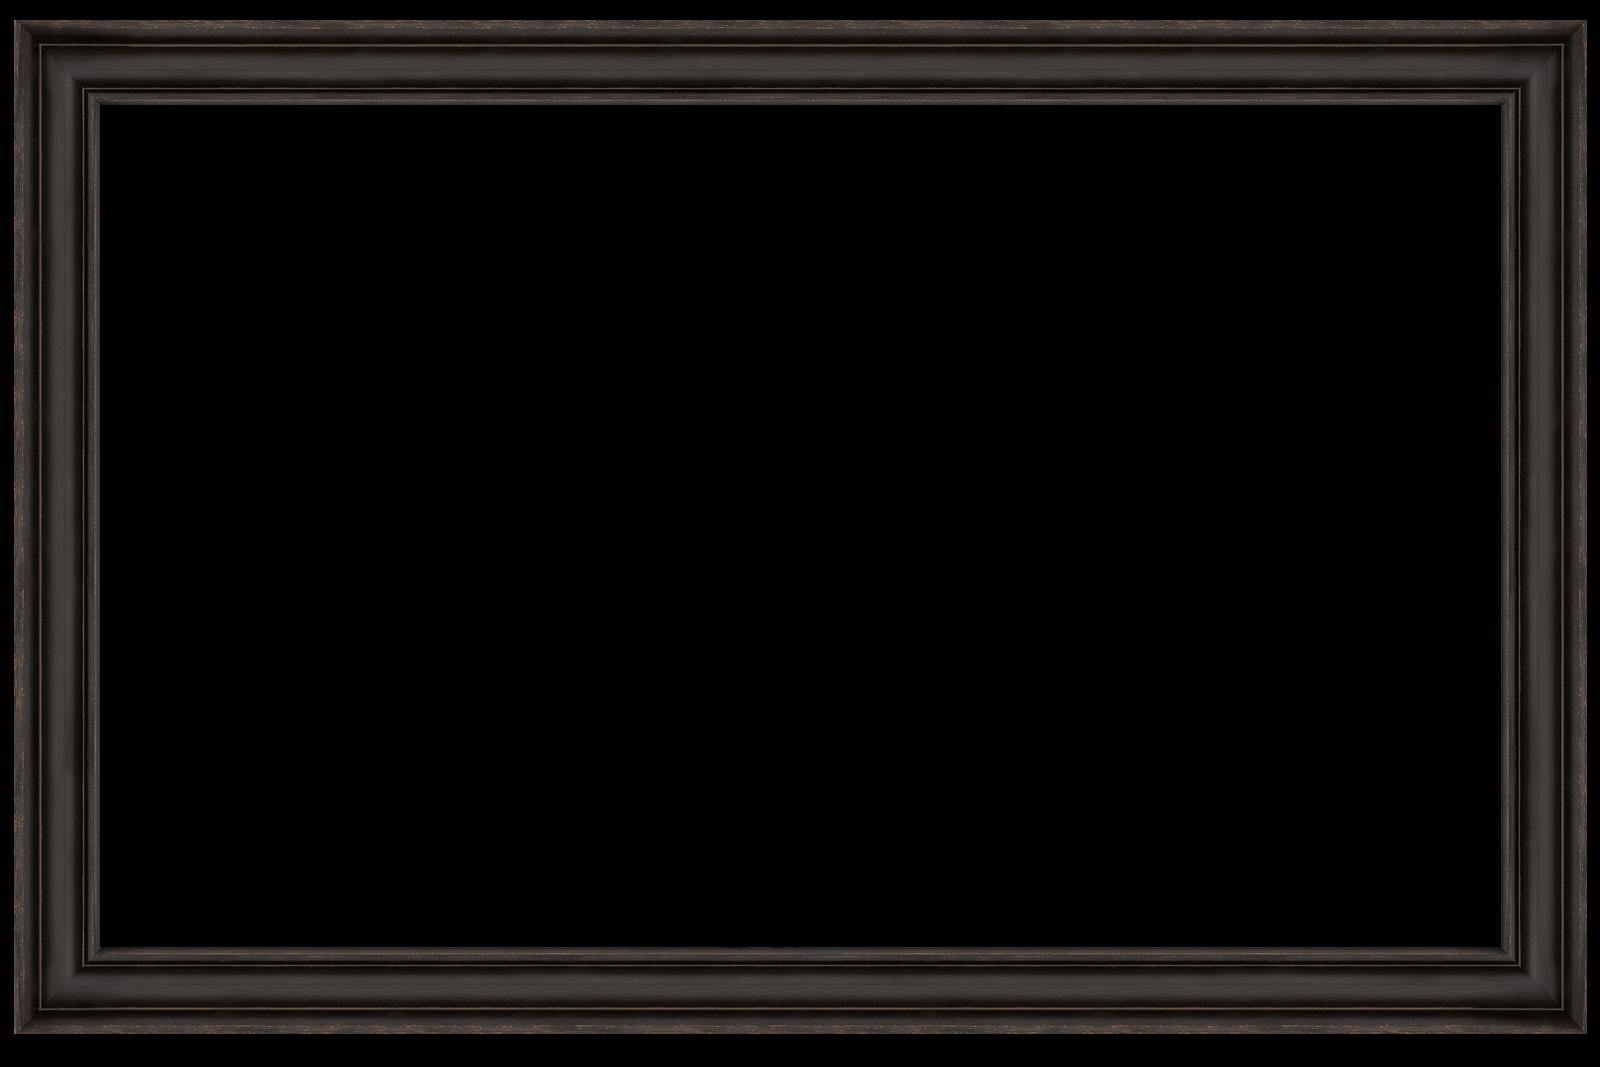 Tv frame png. Design your custom source